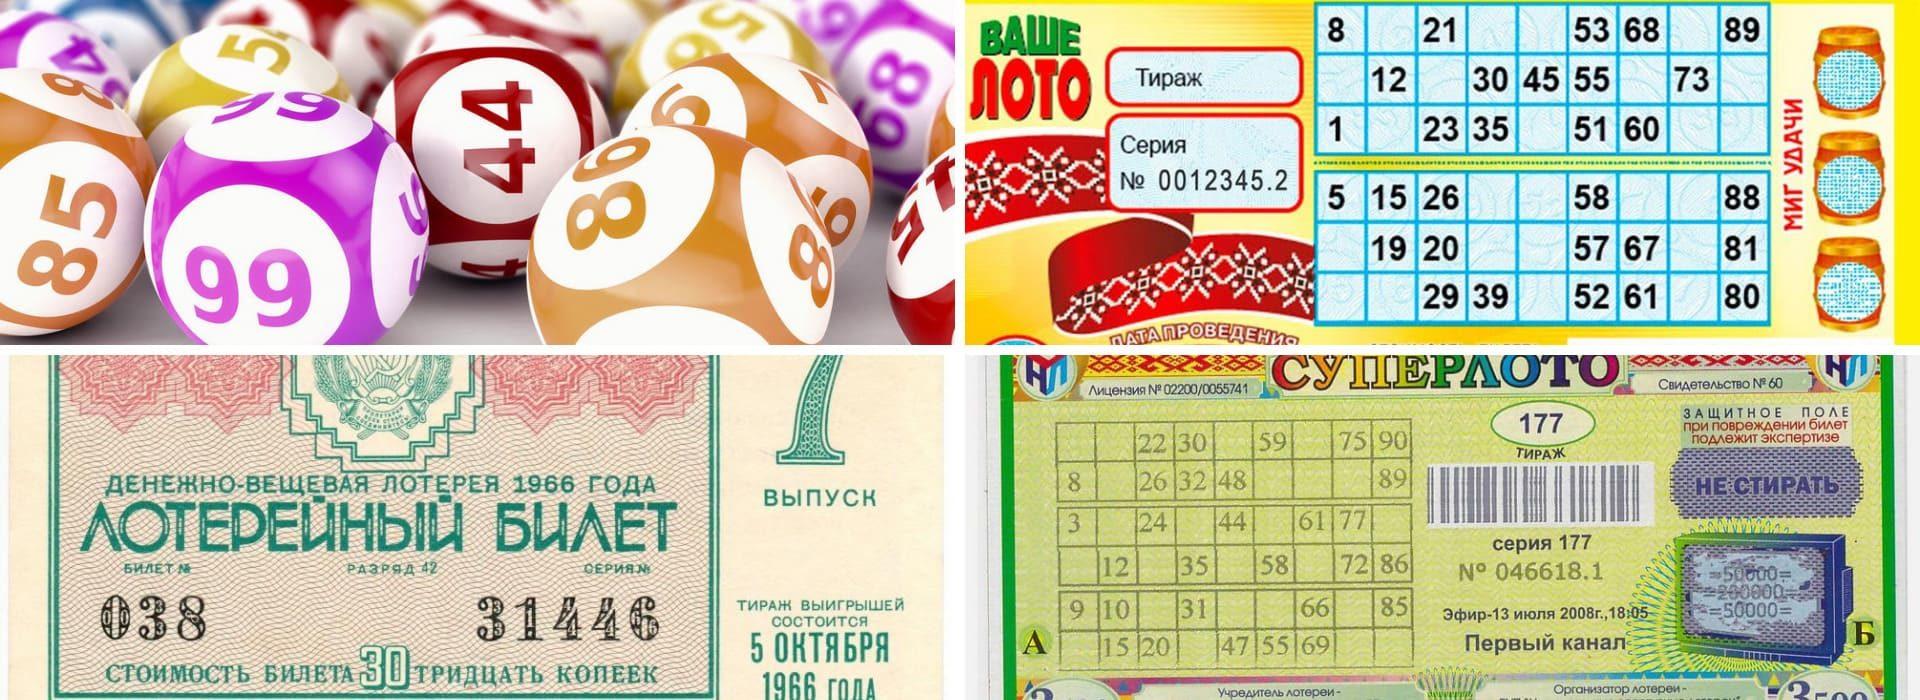 Какая вероятность выиграть в лотерею